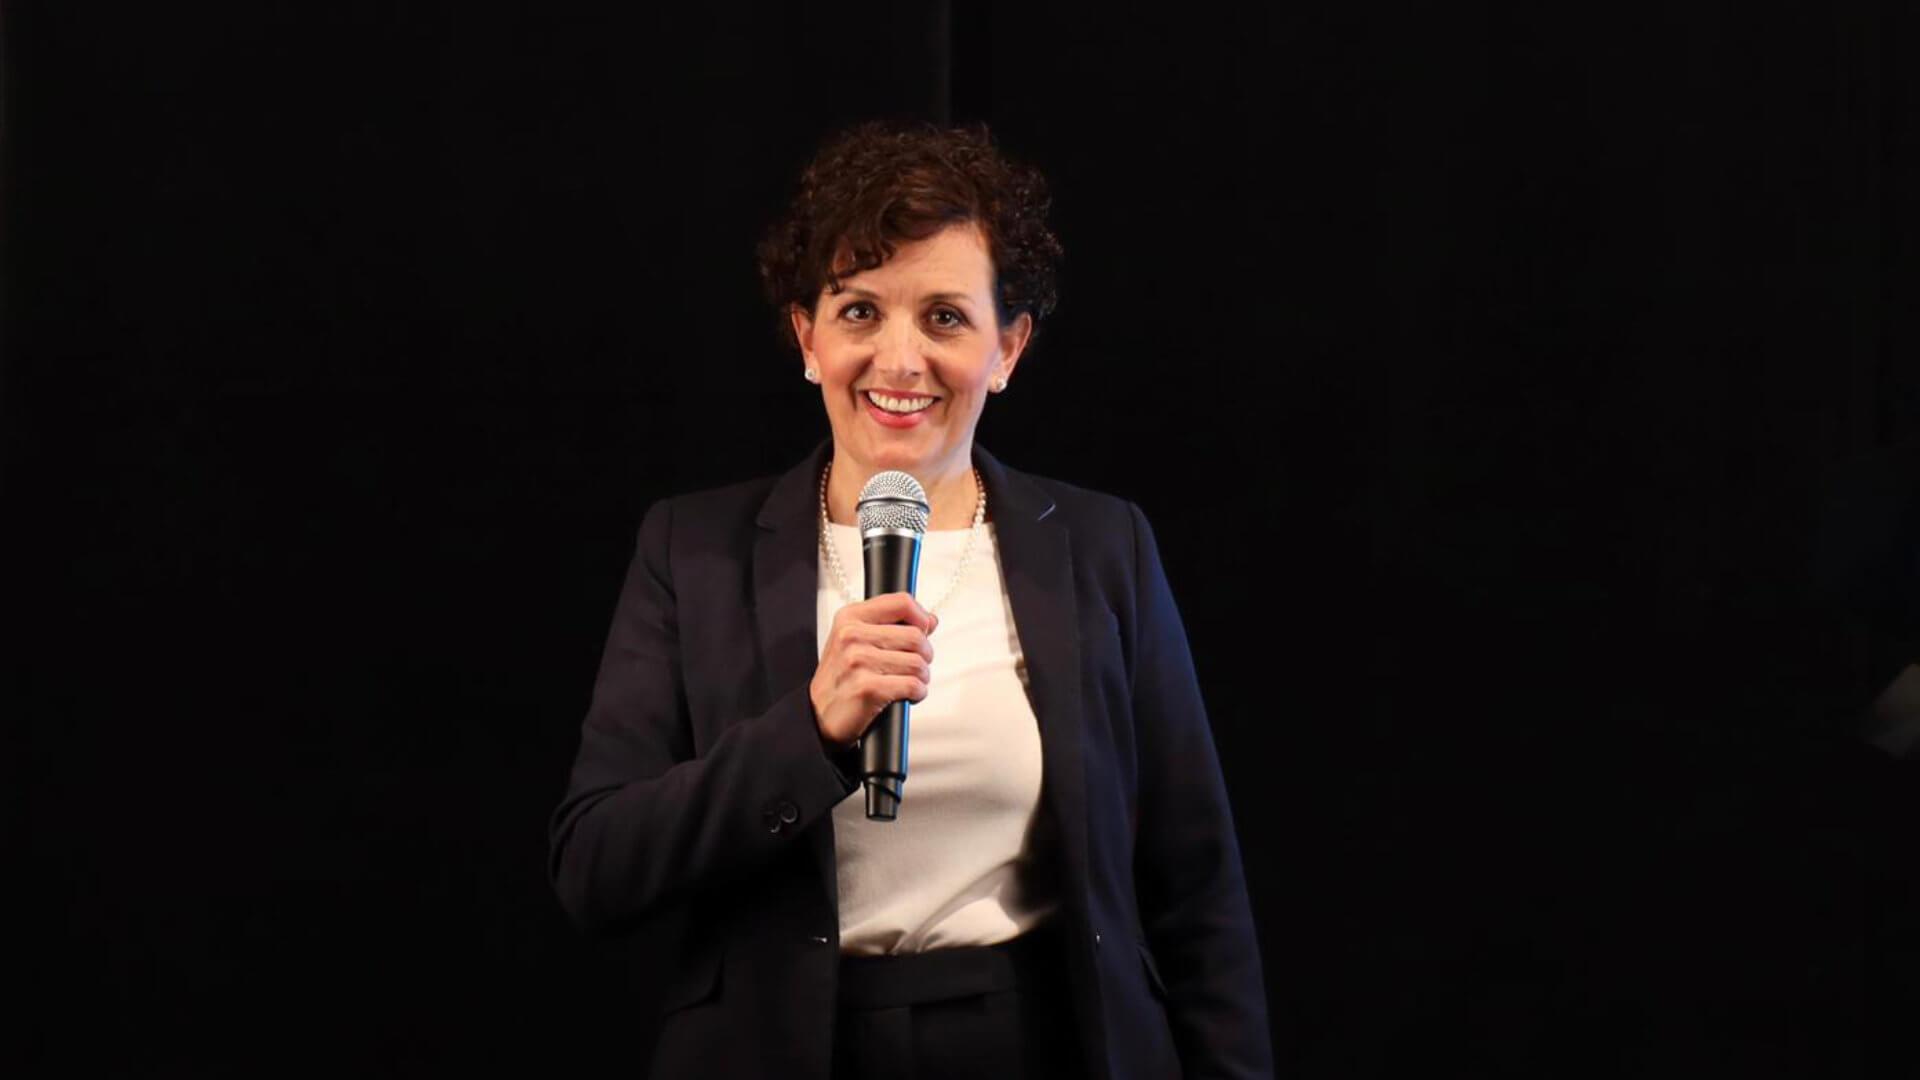 florence-reymond-geneve-prise-parole-public-coaching-individuel-speak-up